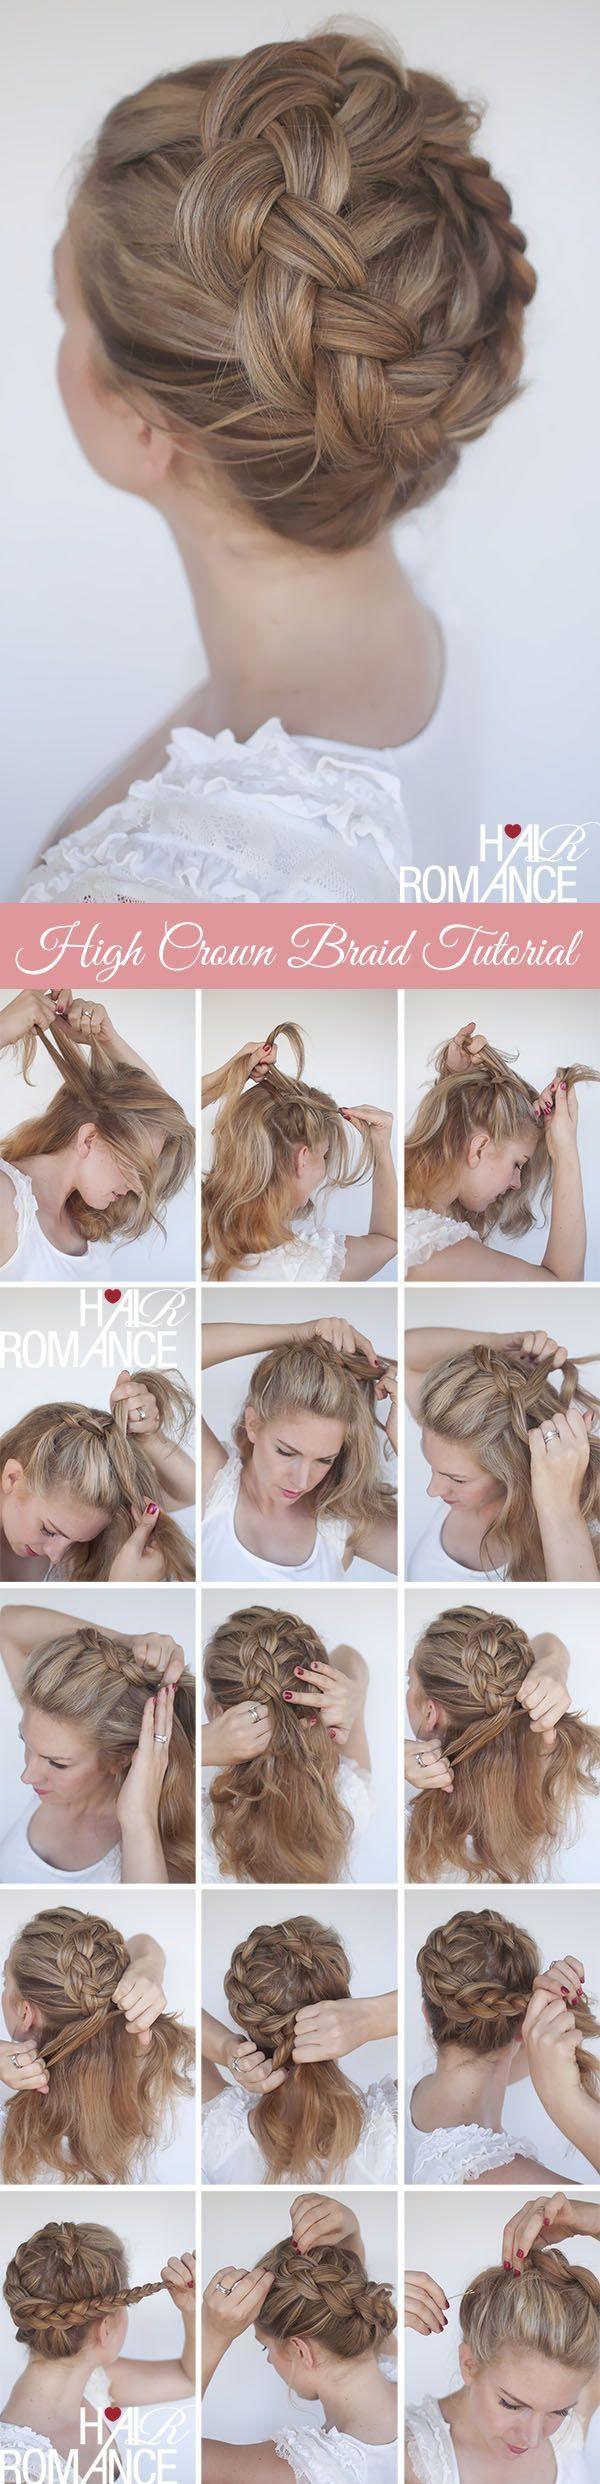 High crown braid tutorial